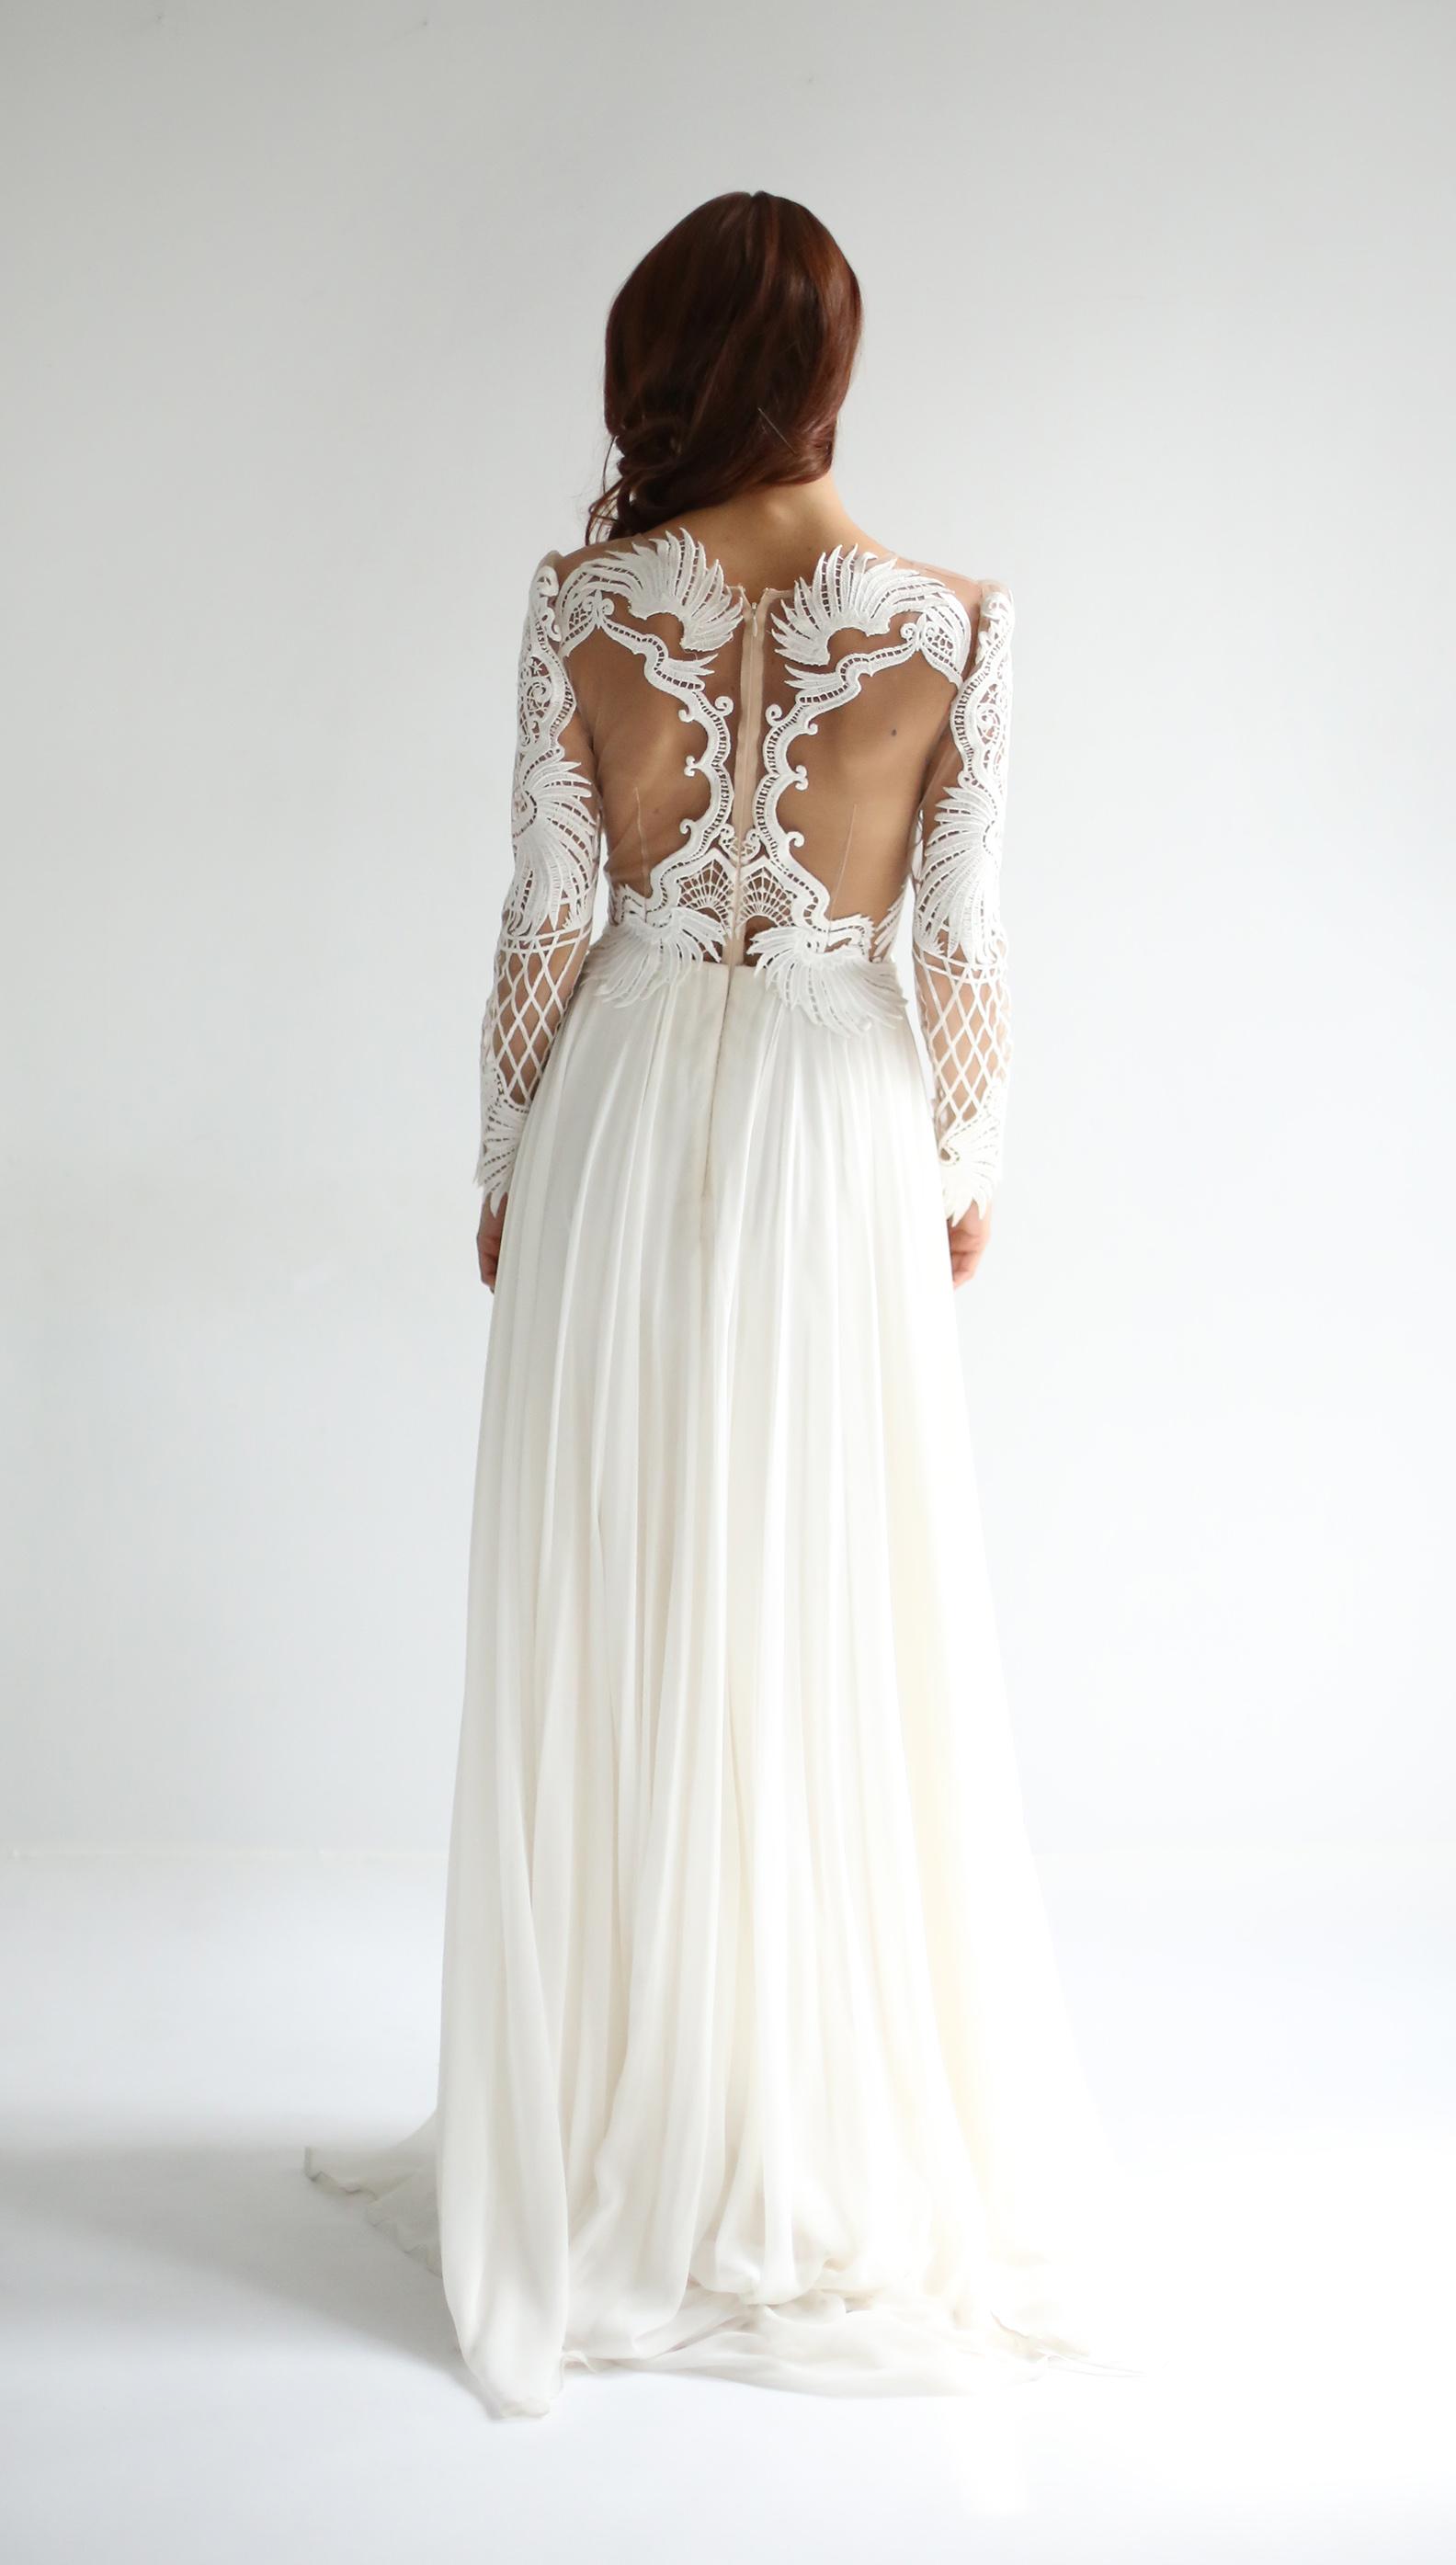 leanne-marshall-bridal-29.jpg